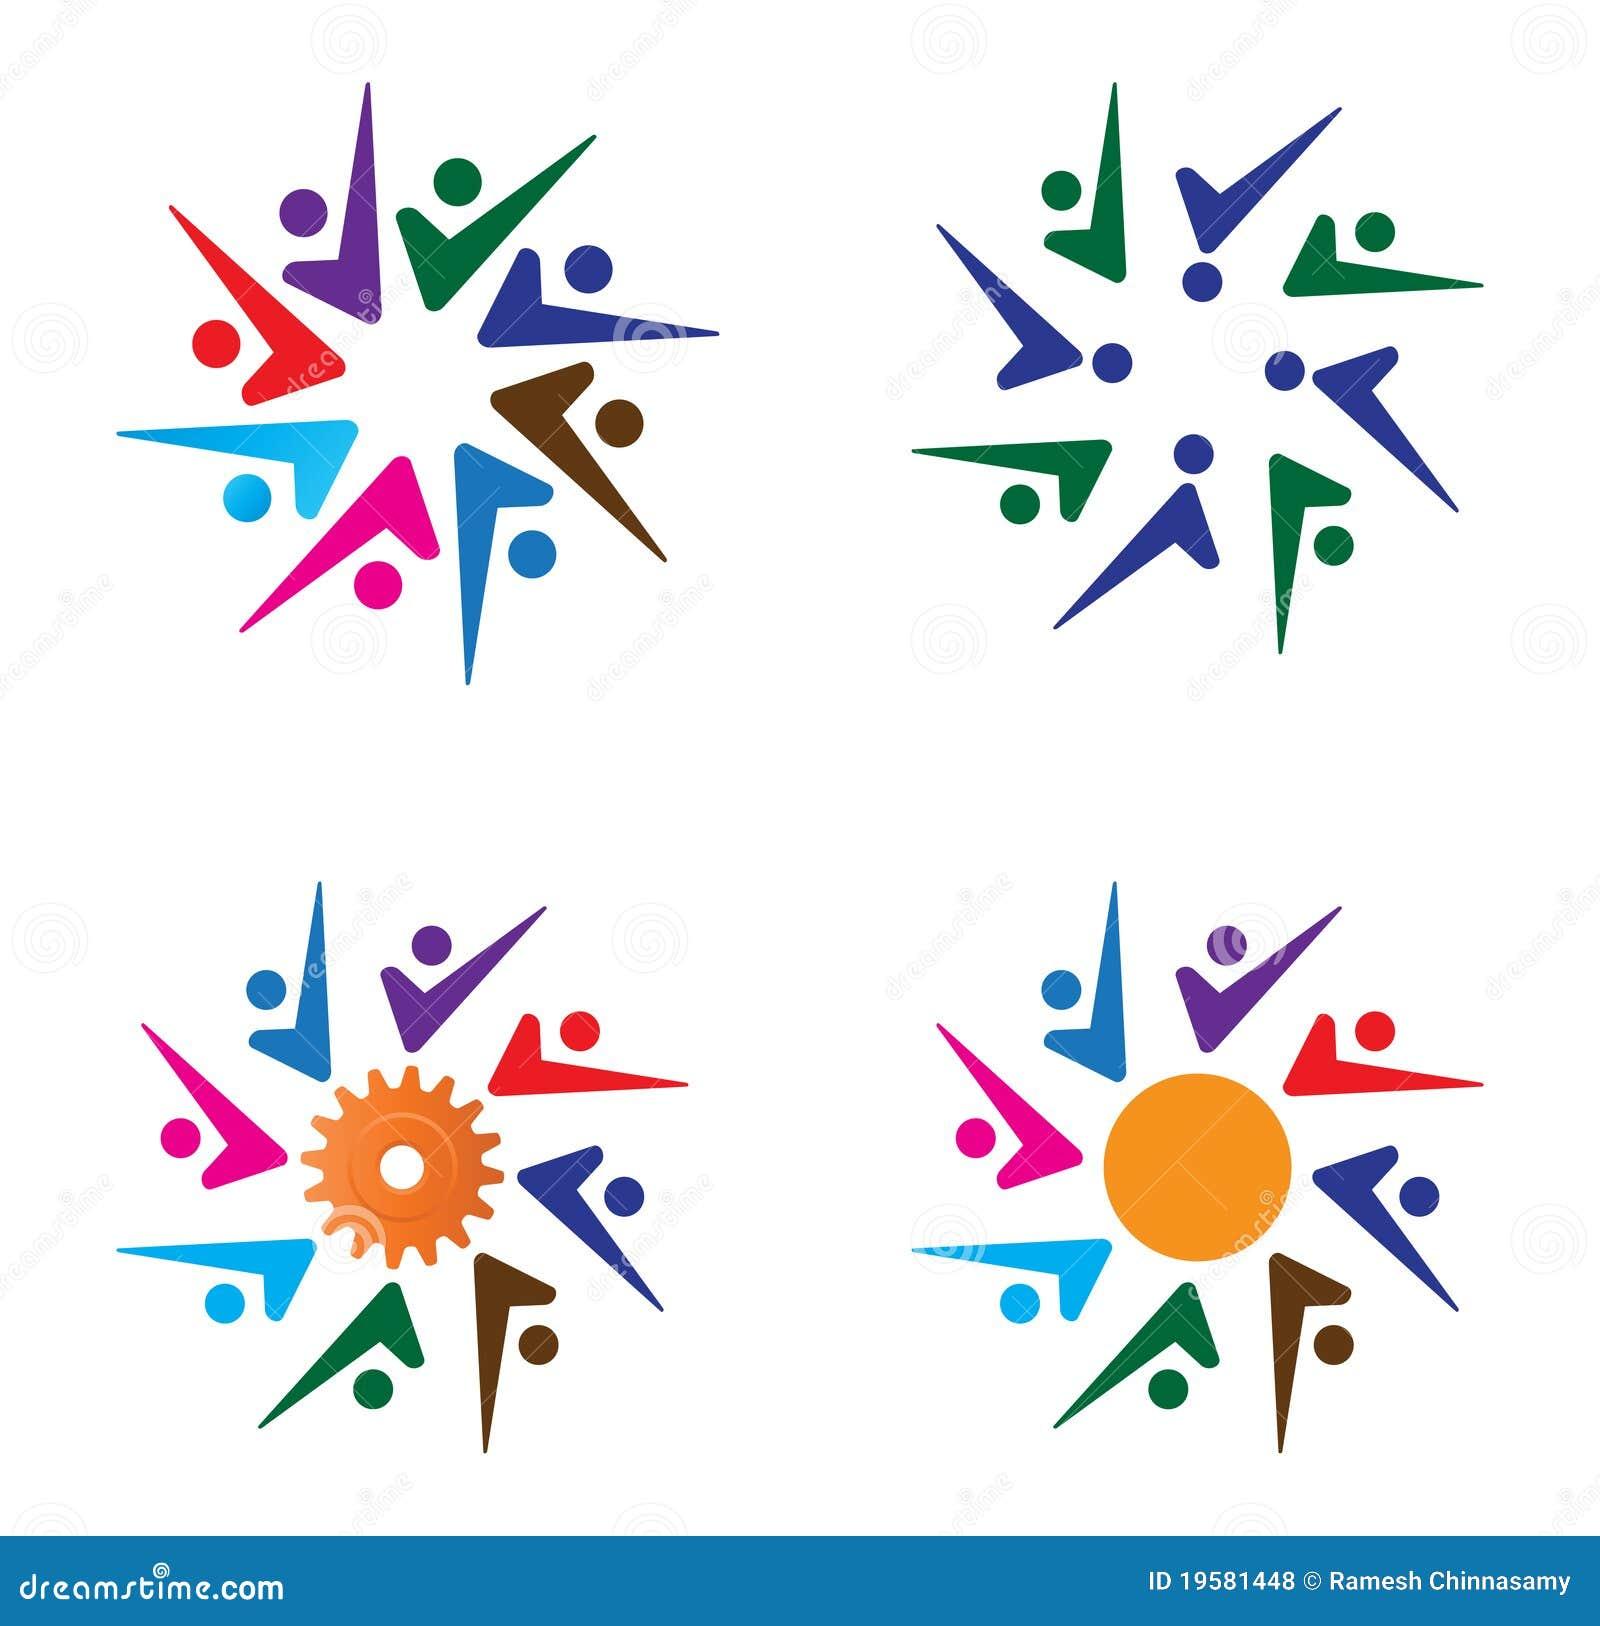 14班徽设计图案及含义图片